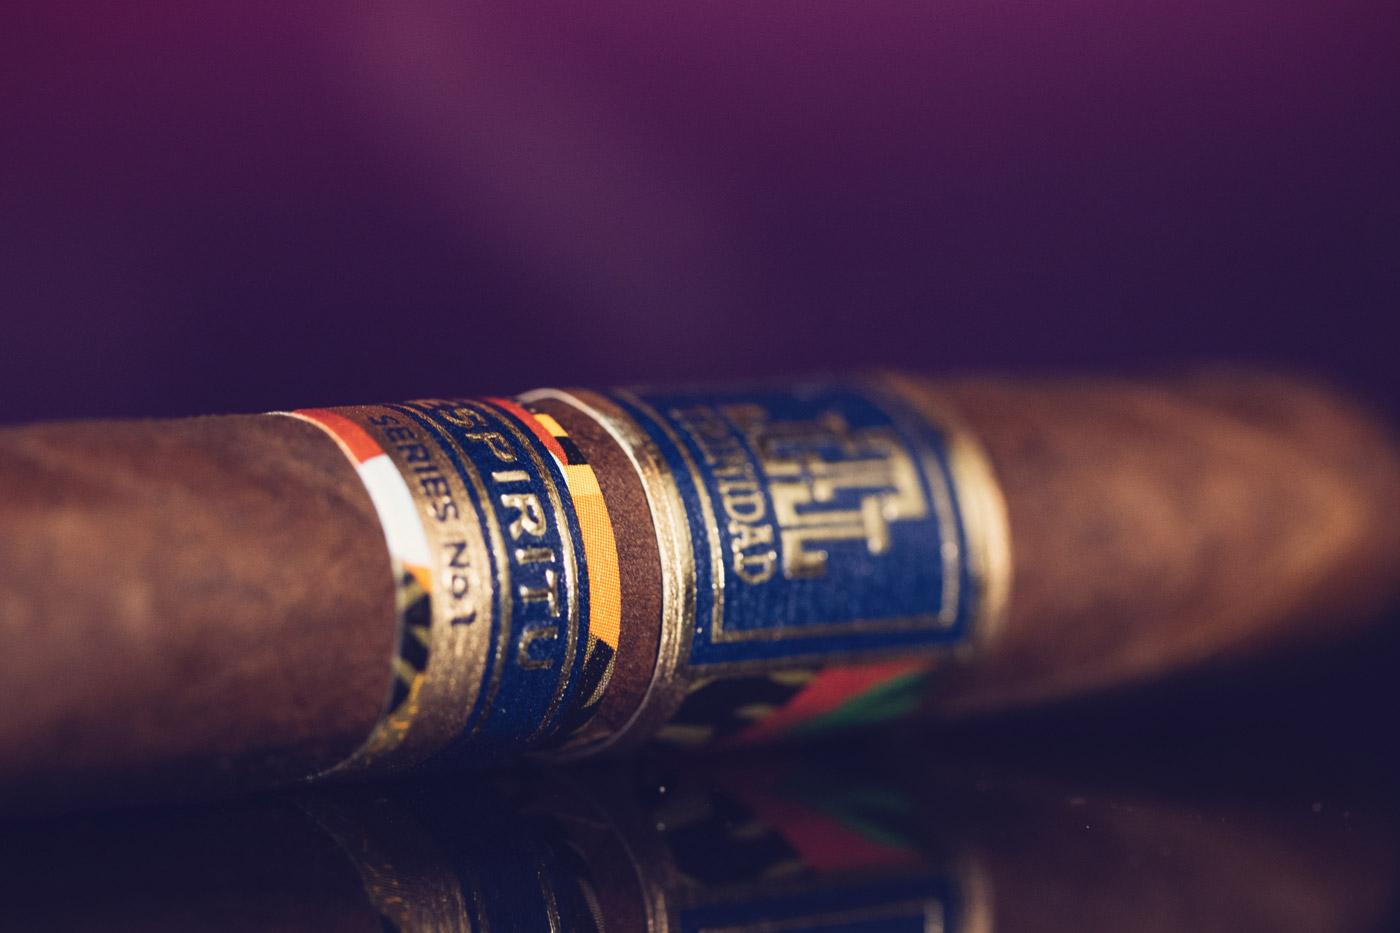 Trinidad Espiritu Fundador cigar review